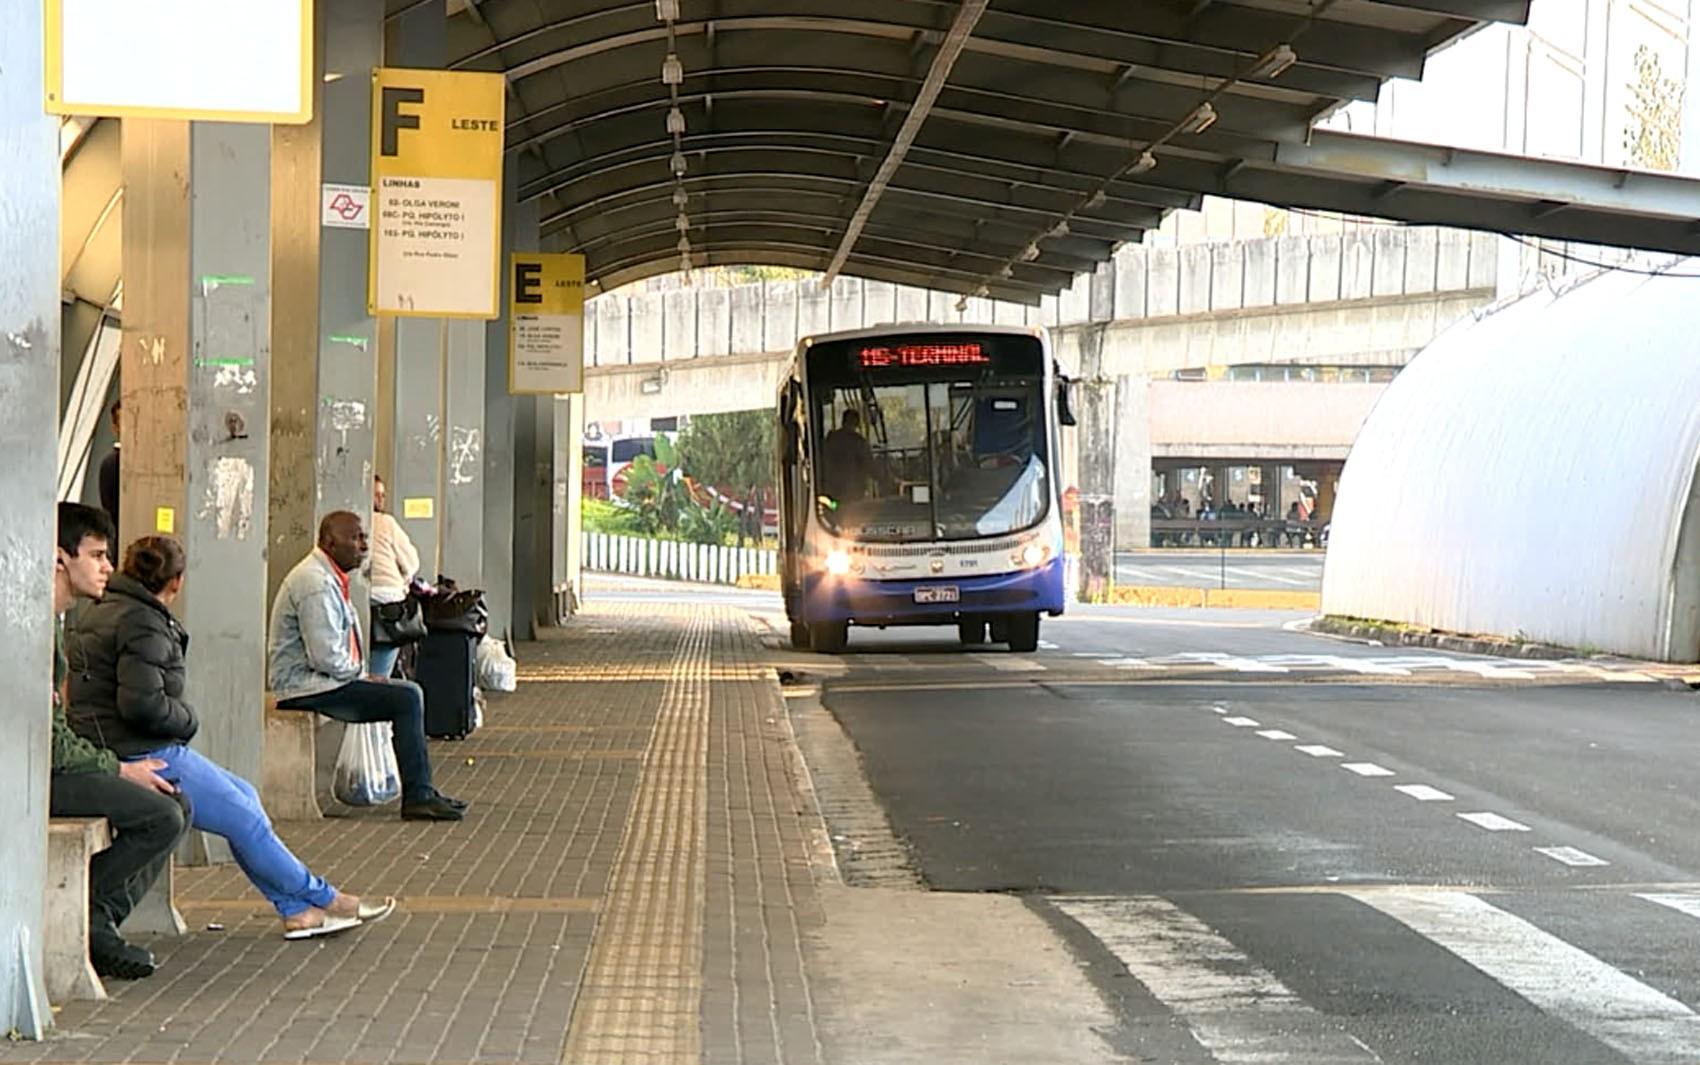 TCE suspende edital para contrato emergencial de empresa de ônibus em Limeira - Notícias - Plantão Diário